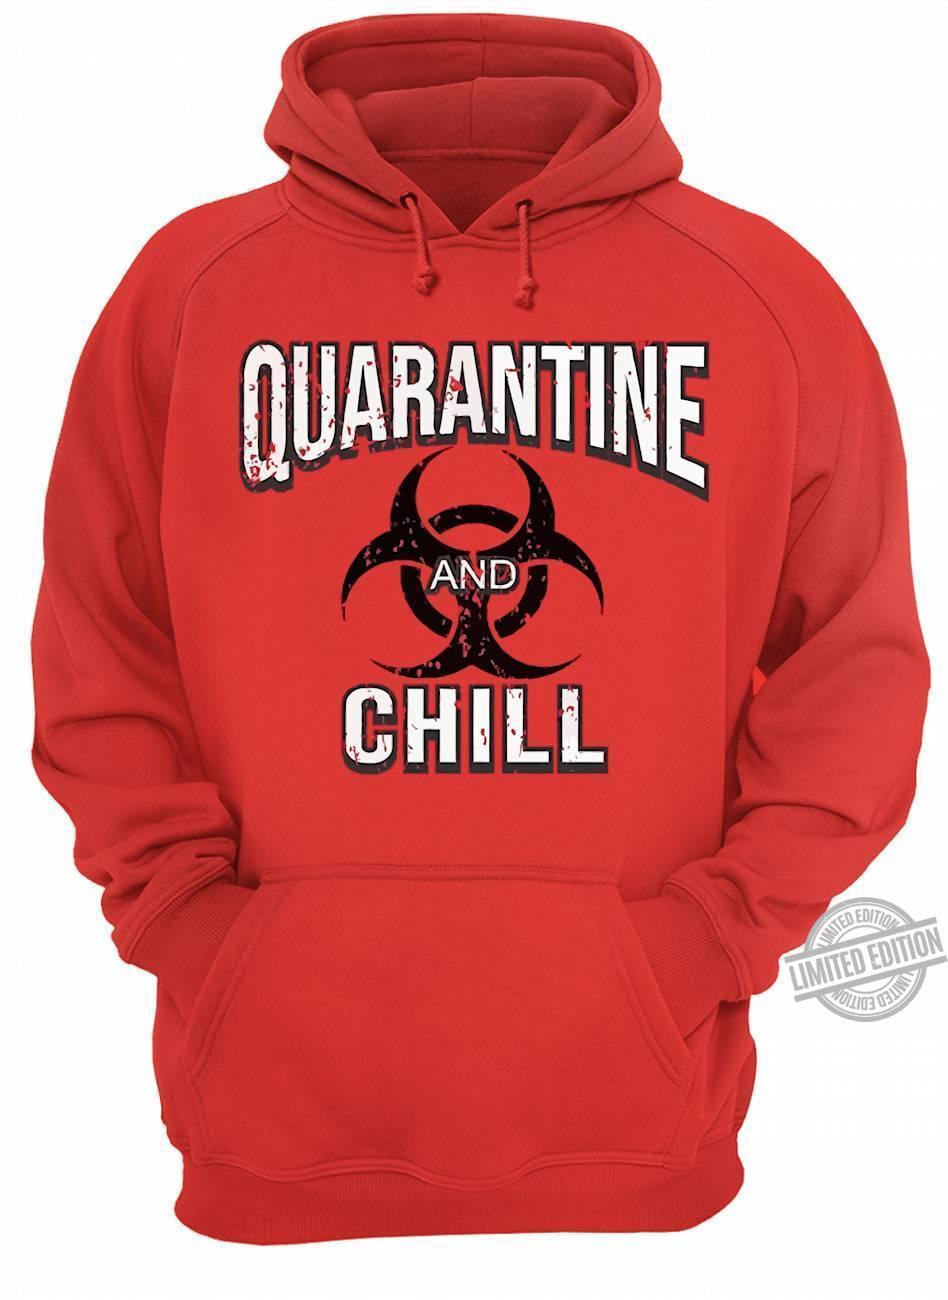 Quarantine And Chill Shirt